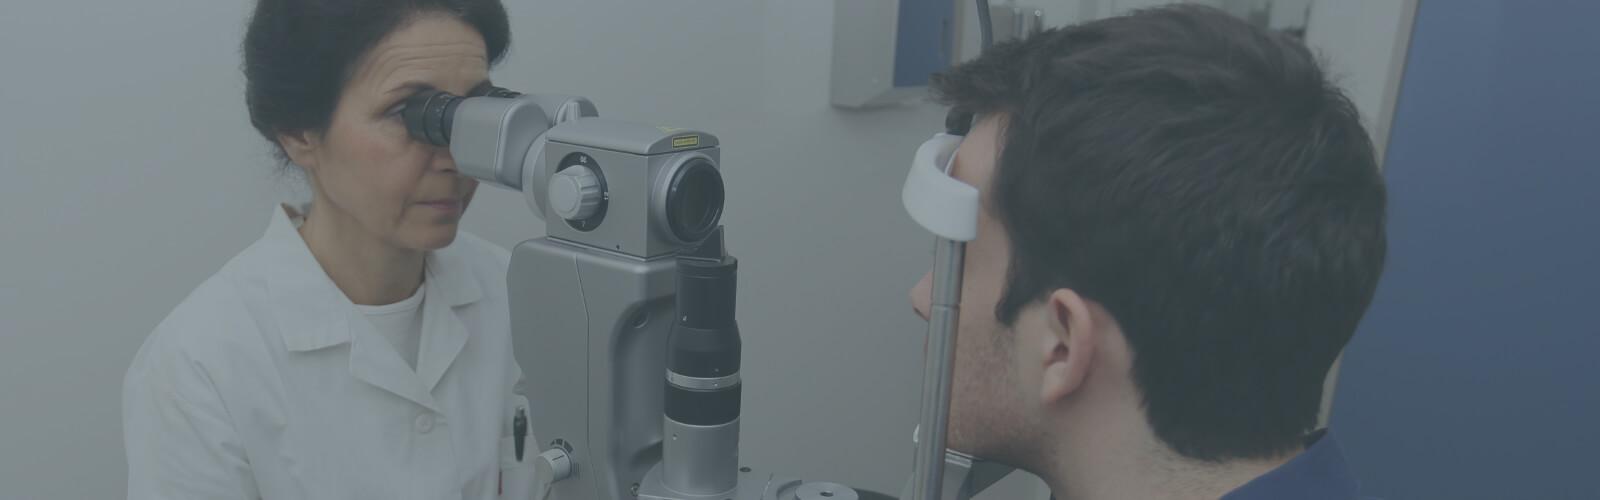 Consultation avec un ophtalmologue - Val d'Oise